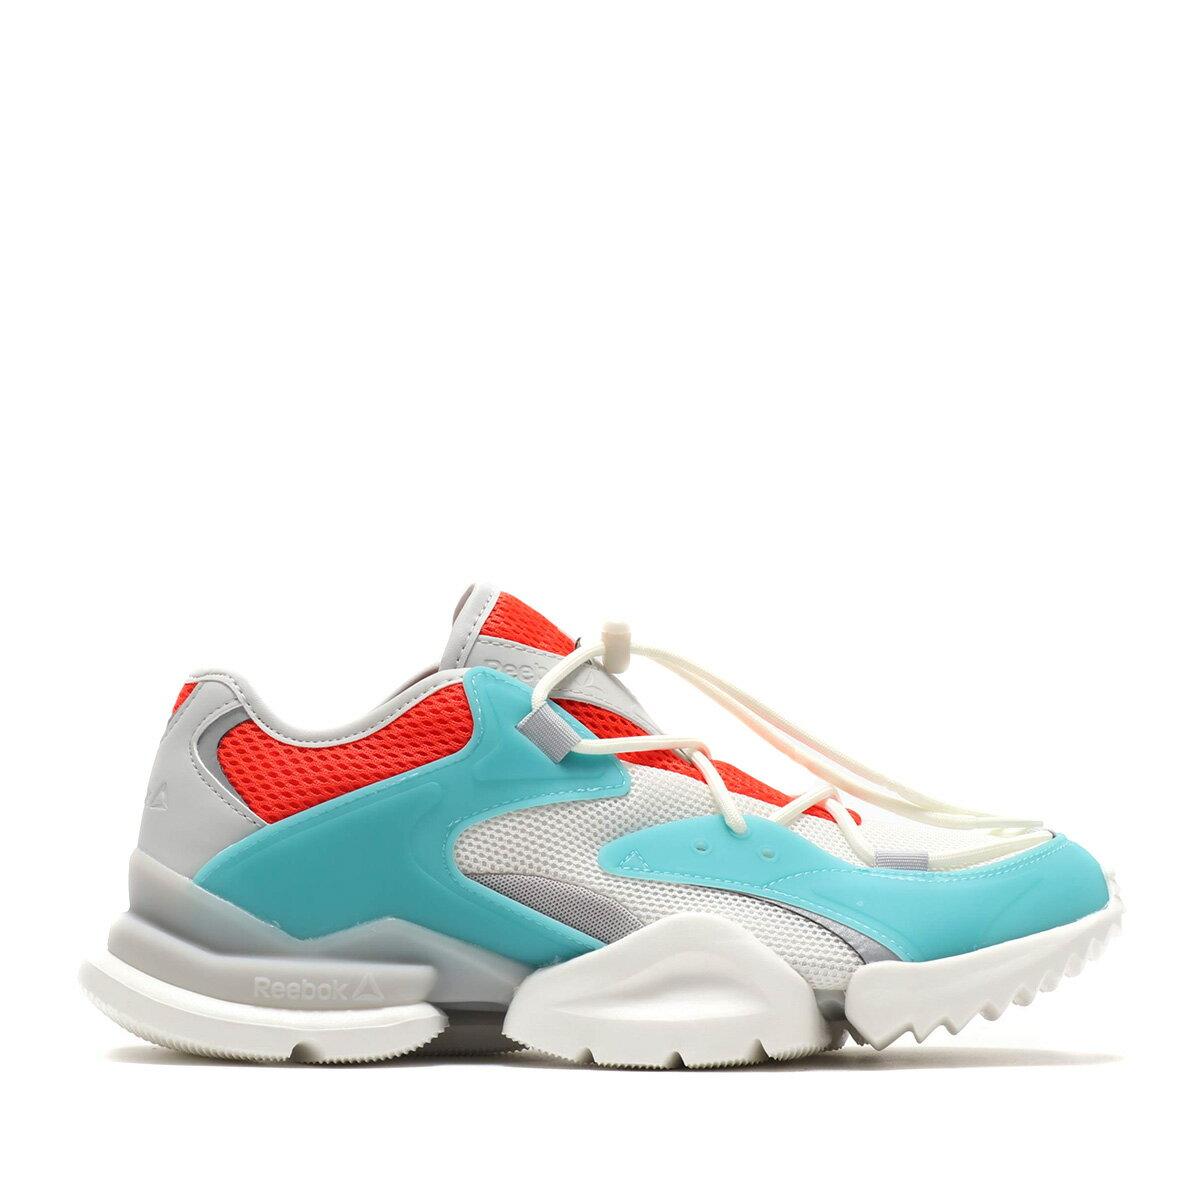 メンズ靴, スニーカー Reebok RUN R96(CHALKMISTCAROTENEGREY)( R96)19SS-I